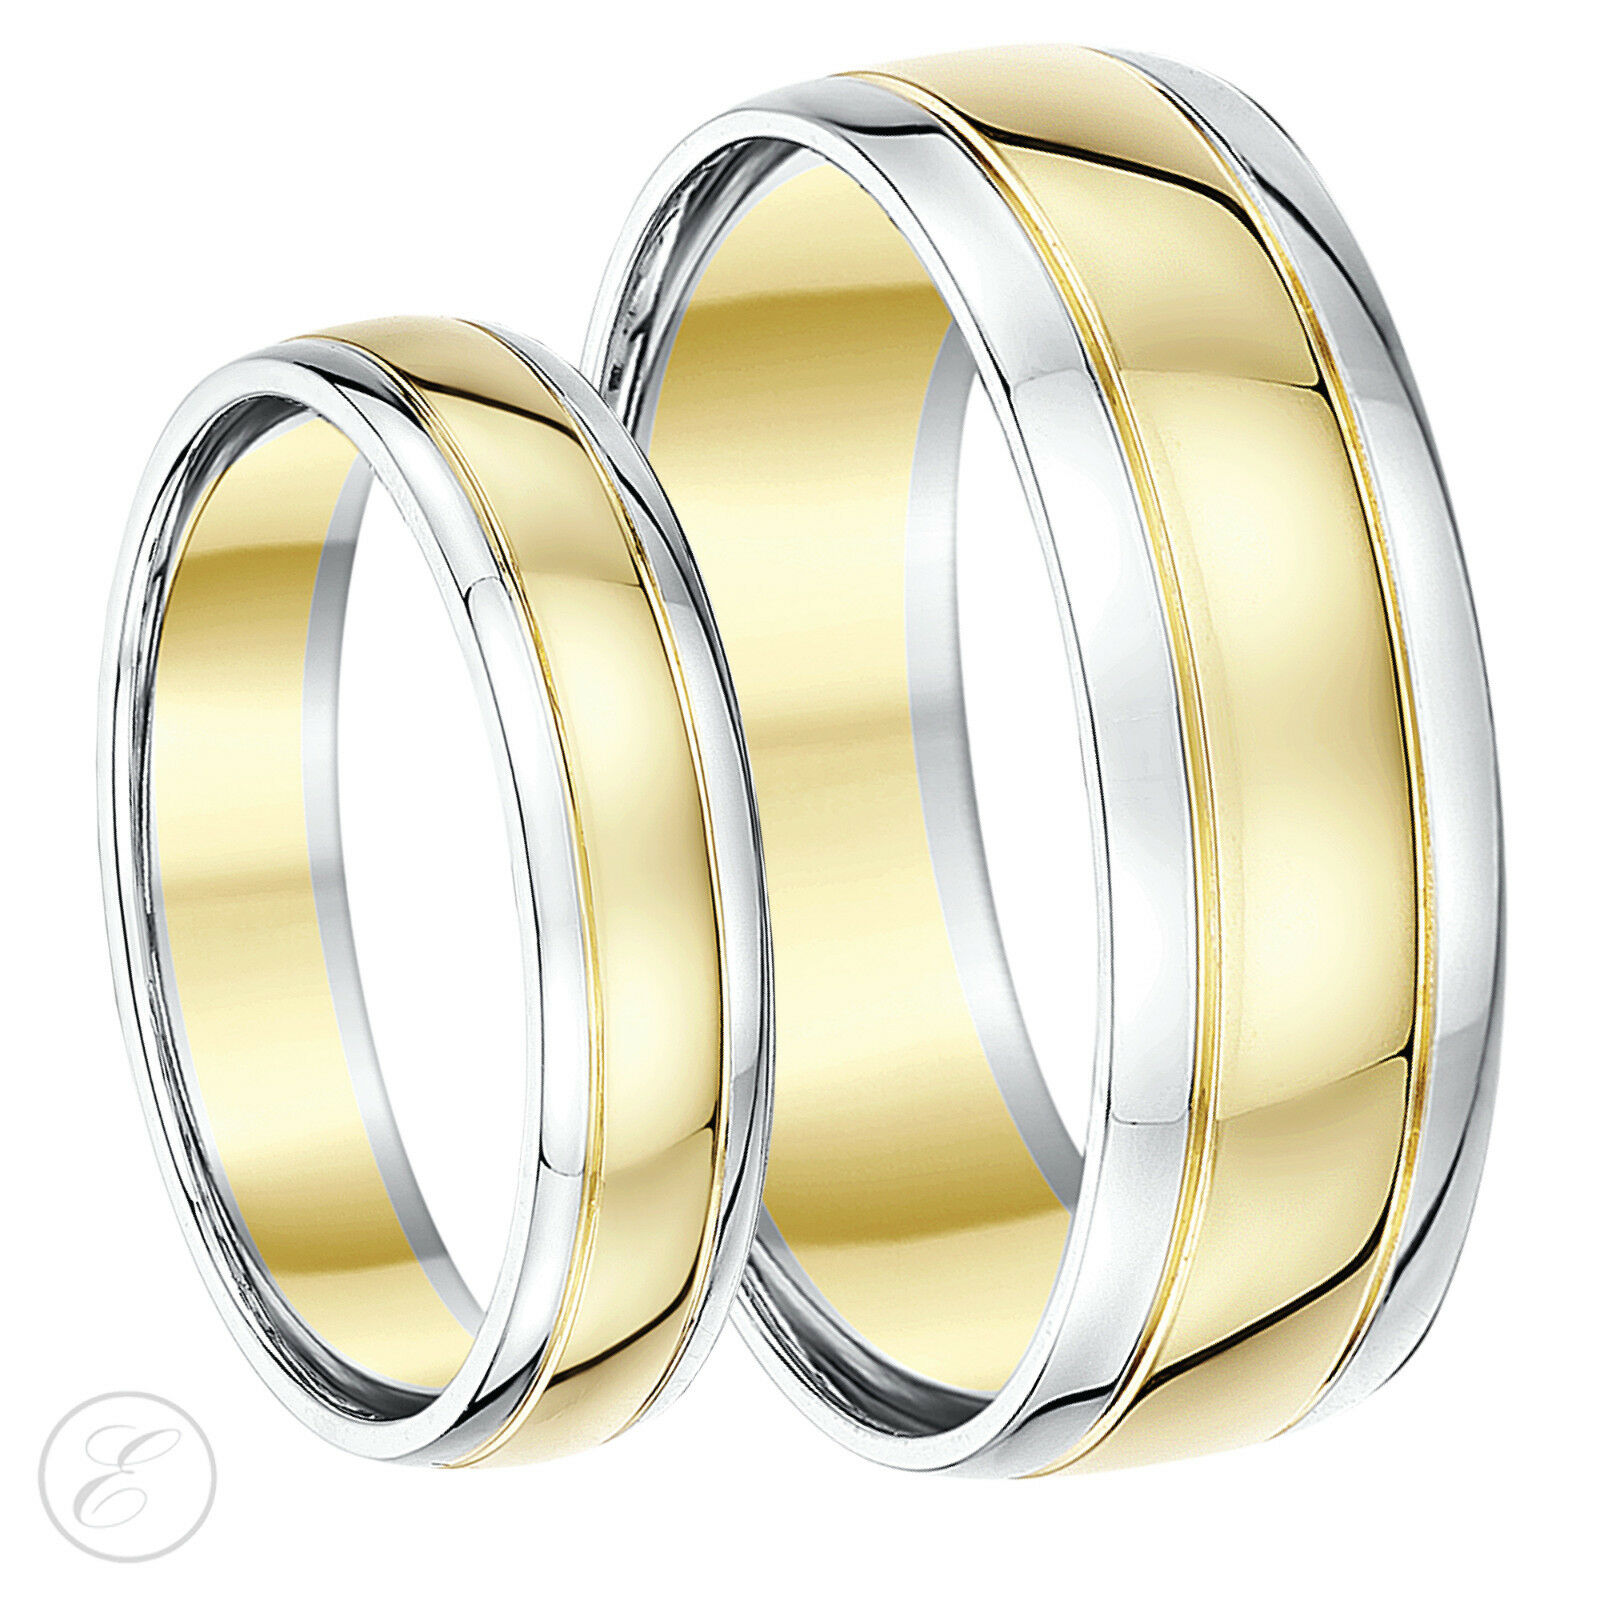 9 Ct deux-colors His & Hers Anneau Bague mariage 5mm 7mm 9K